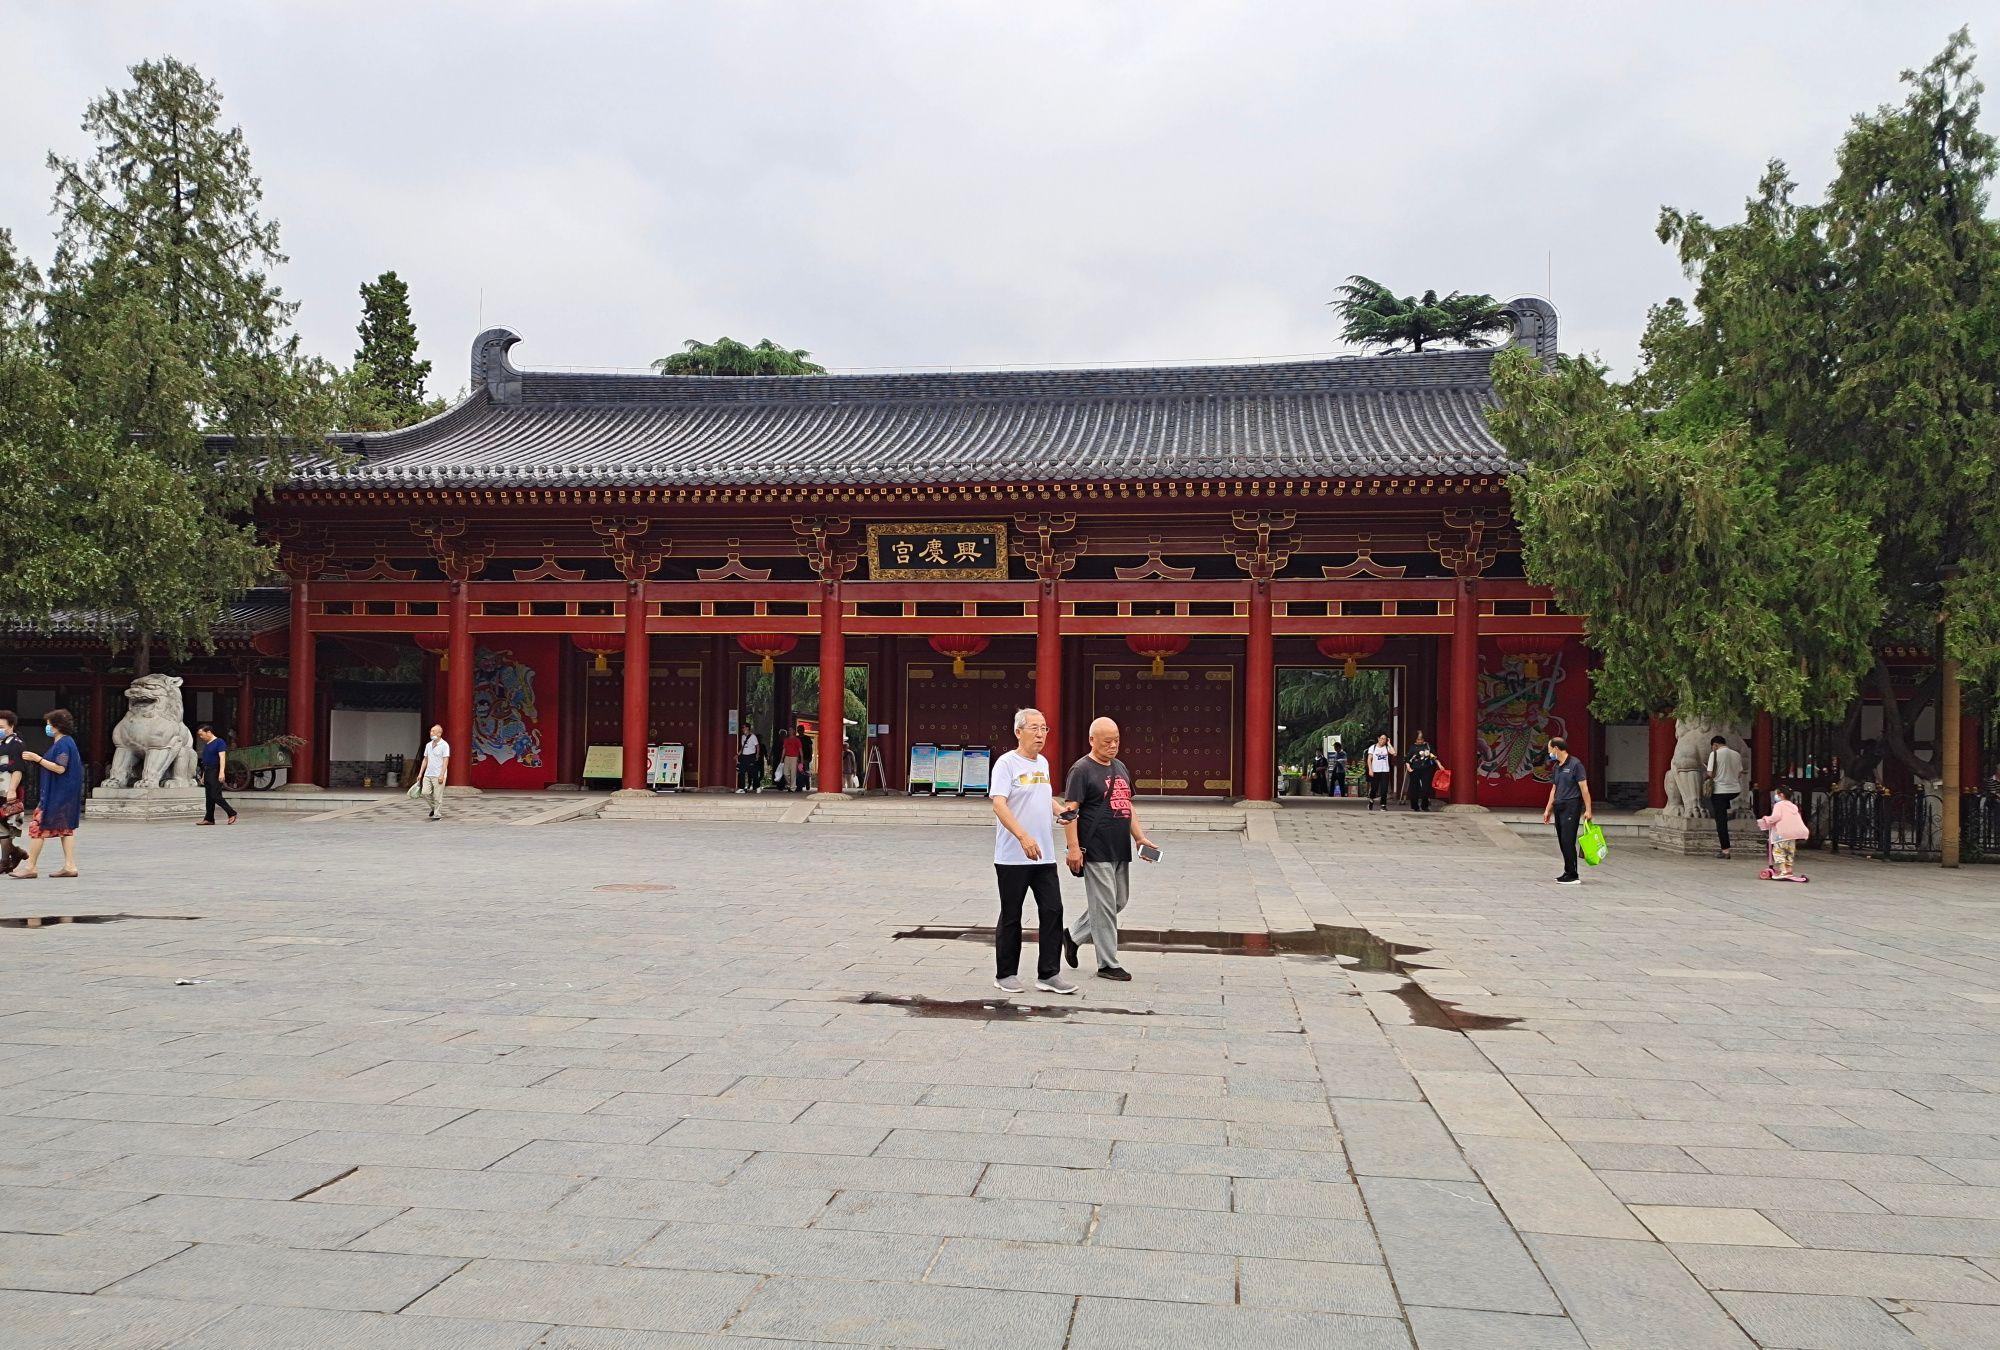 Xi兴庆宫公园介绍